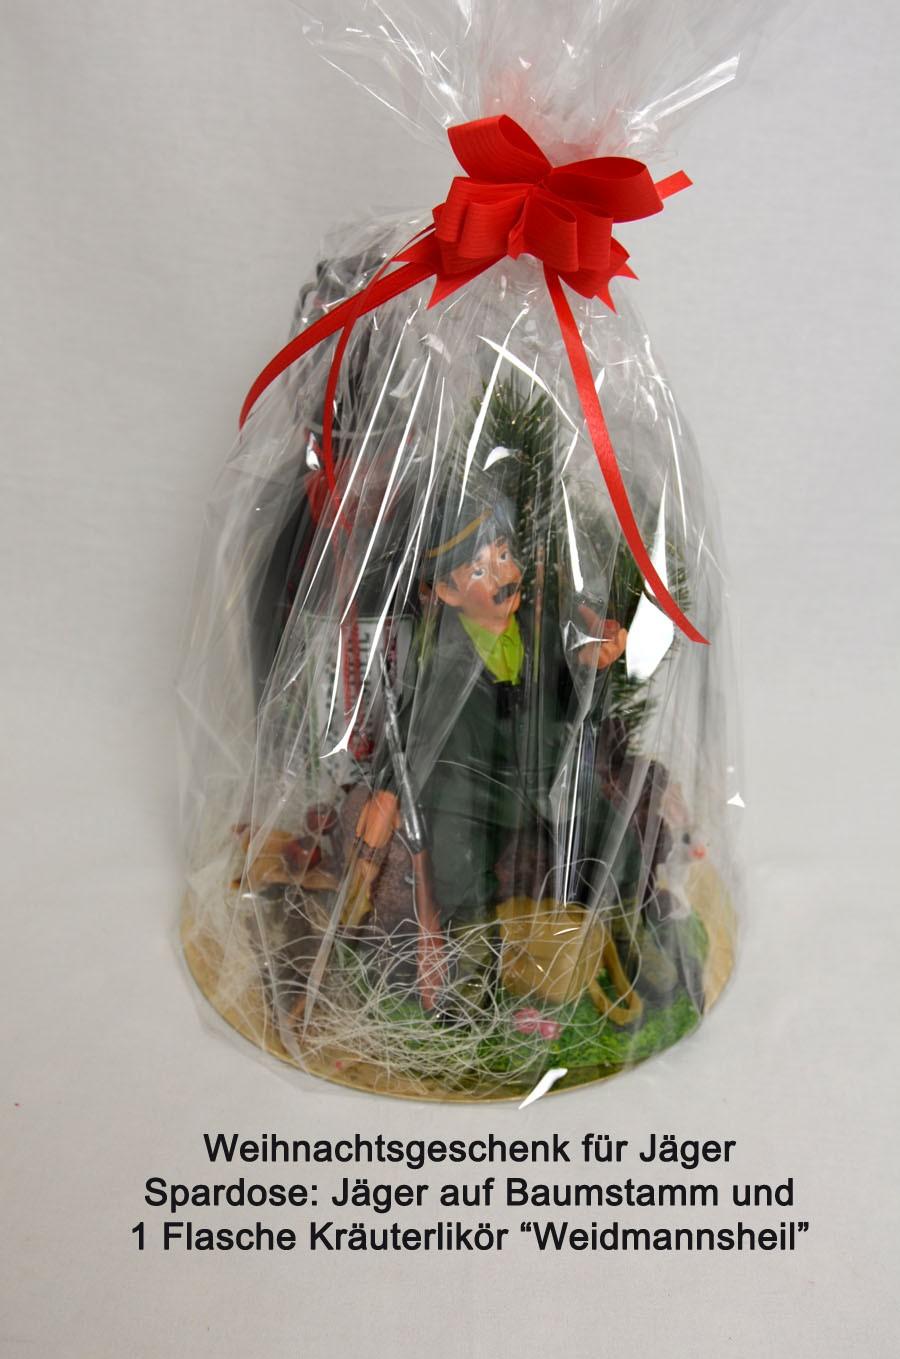 Weihnachtsgeschenk für Jäger Spardose und Kräuterlikör 0,5l